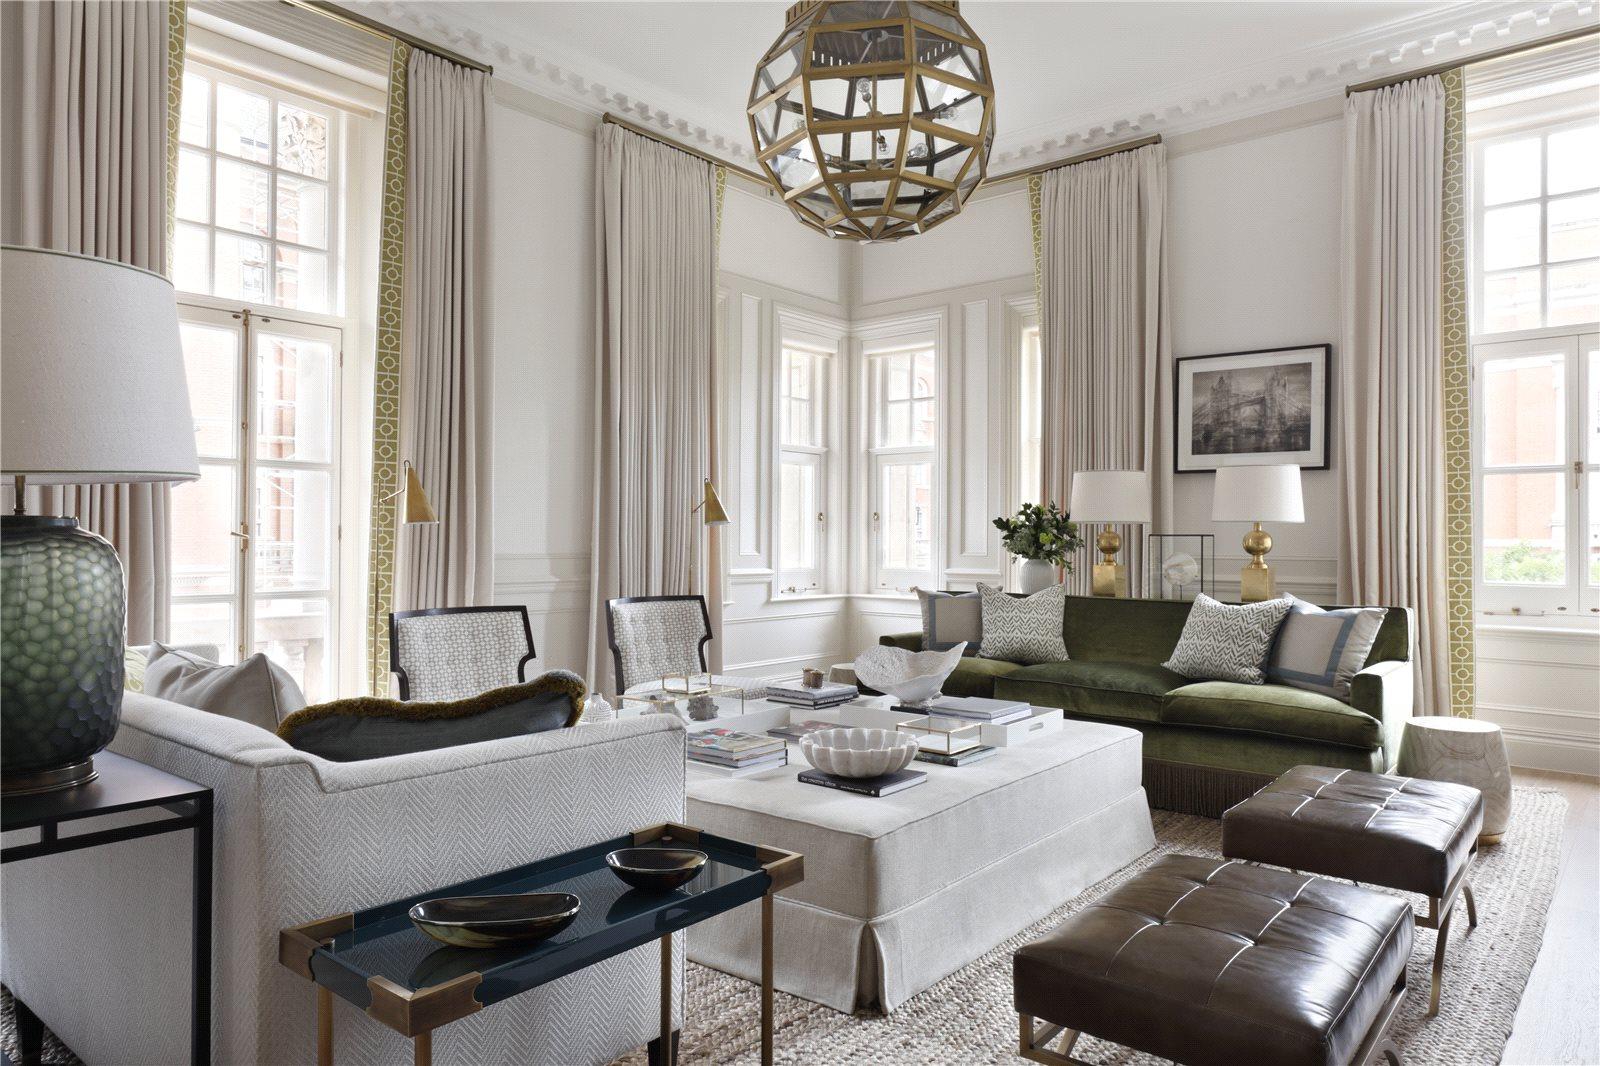 Appartements / Flats pour l Vente à Albert Court, Prince Consort Road, London, SW7 London, Angleterre